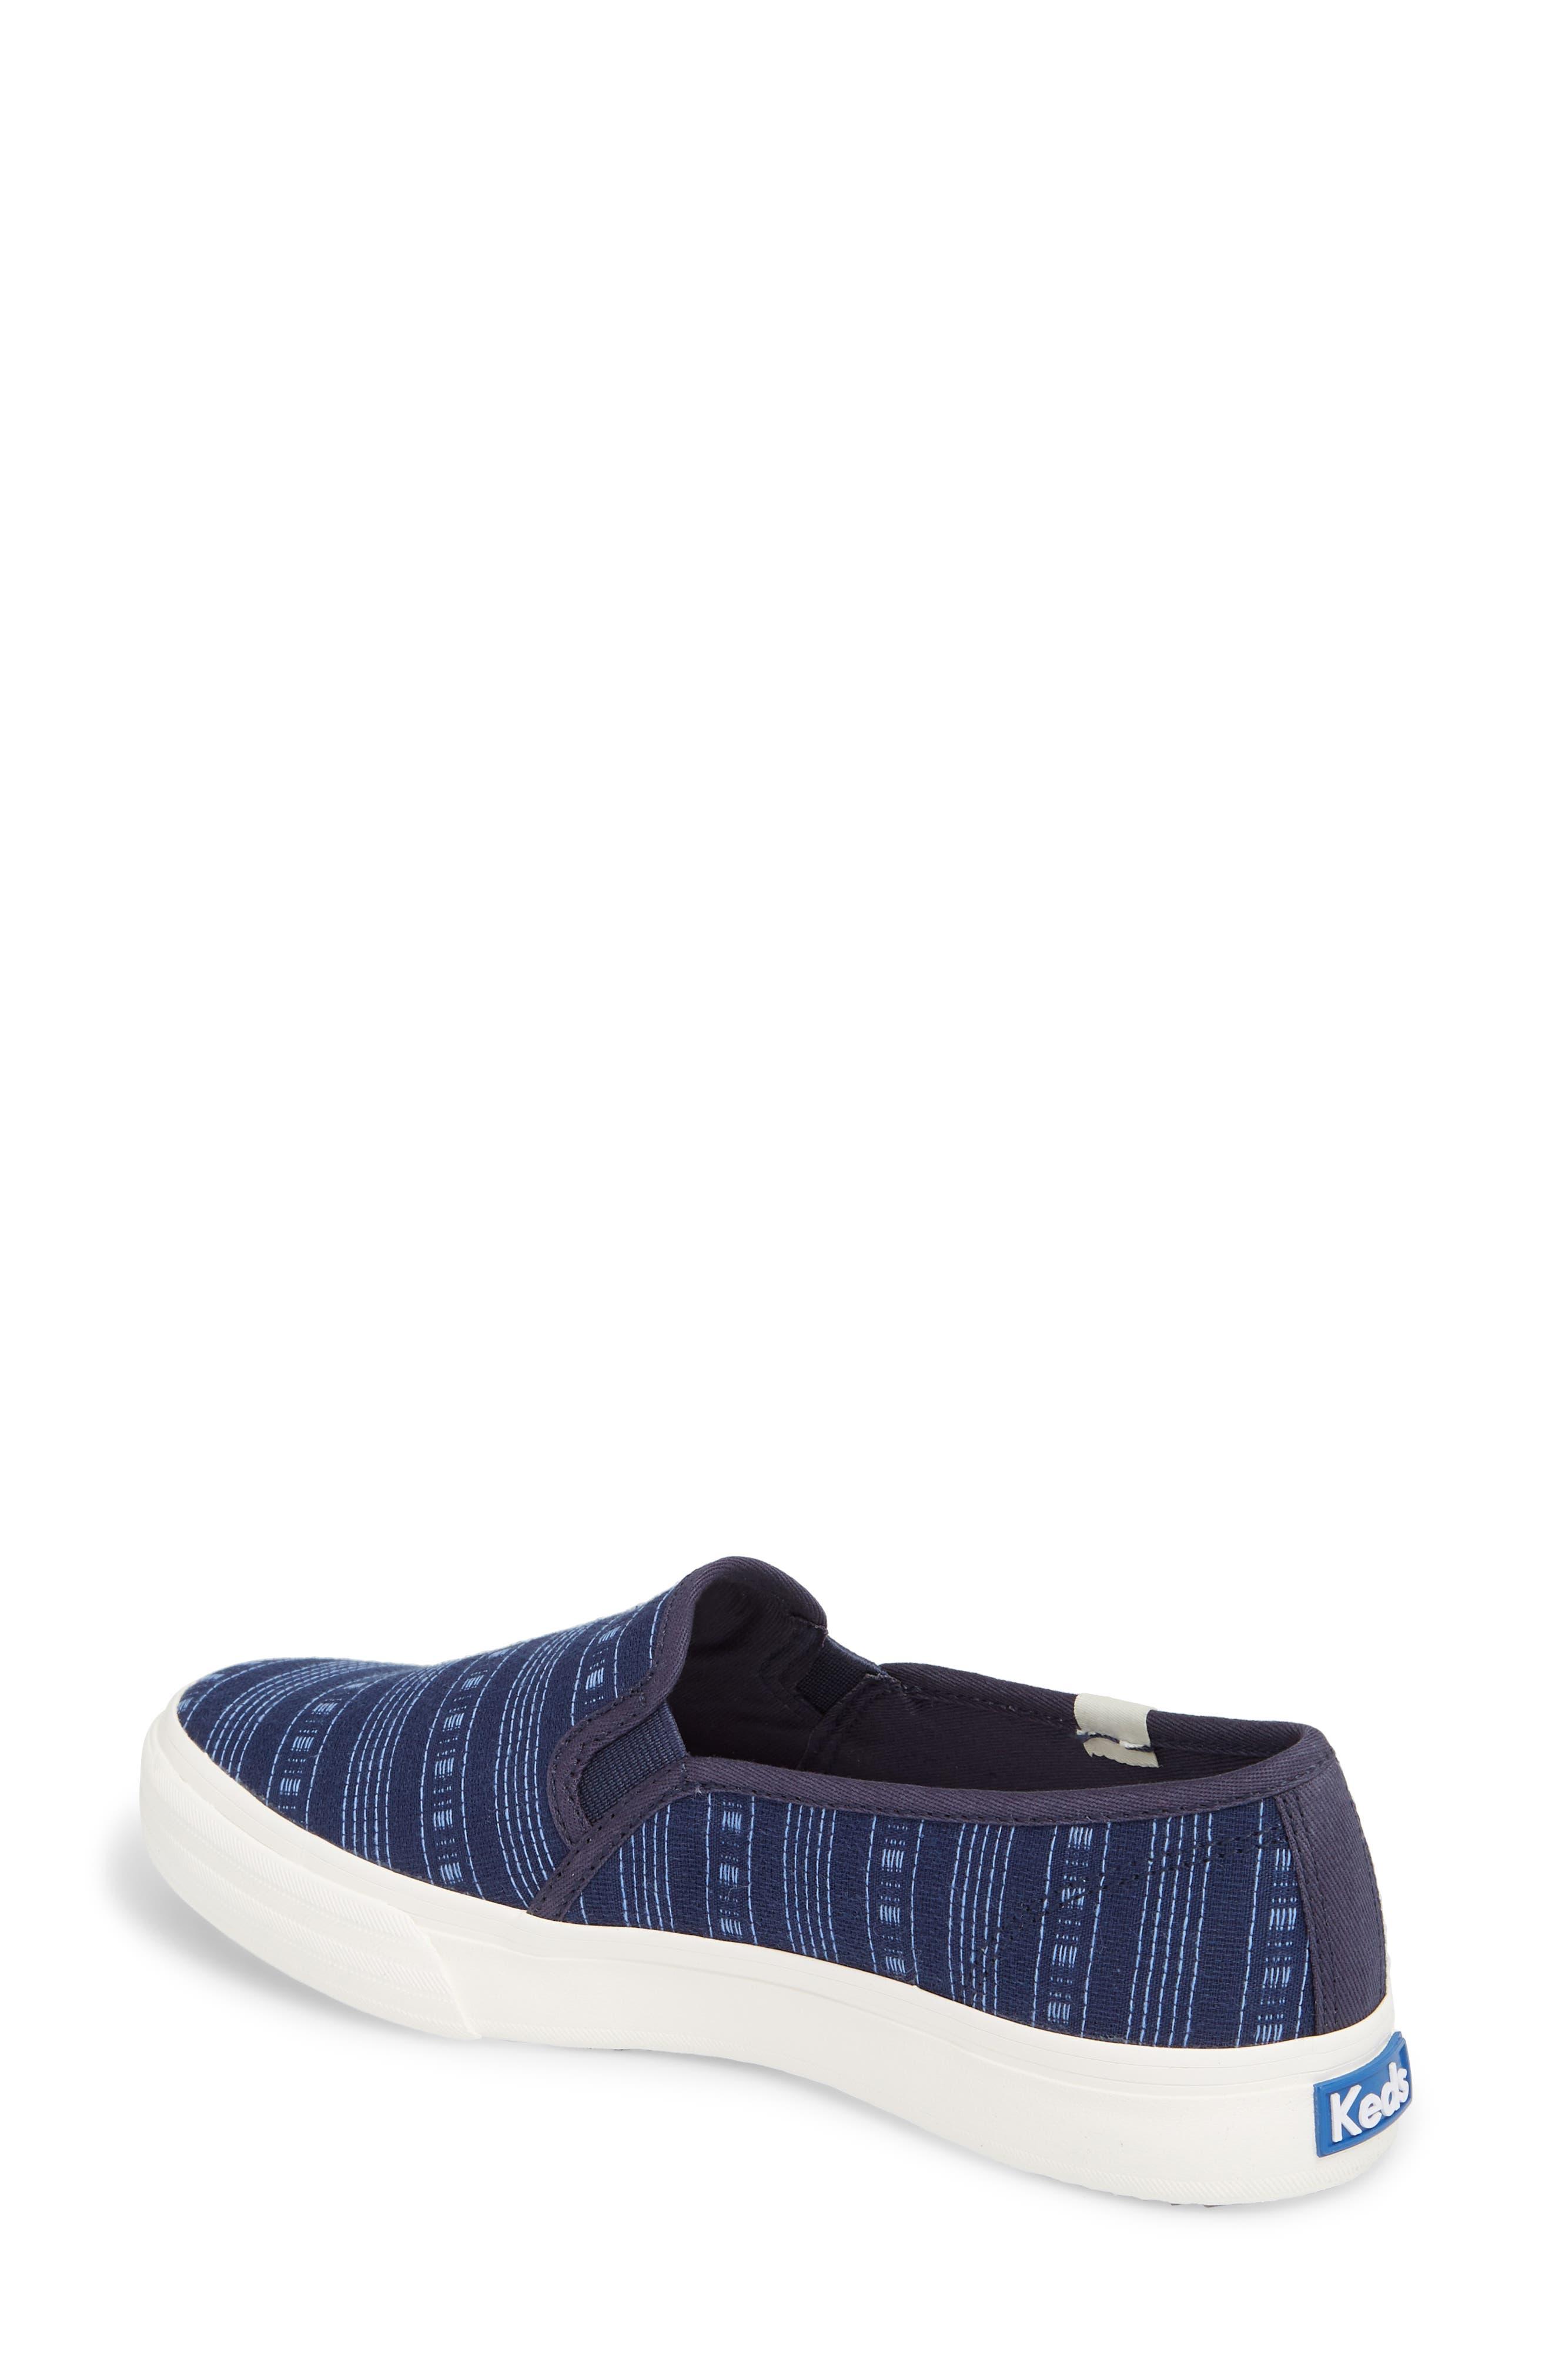 Double Decker Summer Stripe Slip-On Sneaker,                             Alternate thumbnail 2, color,                             410